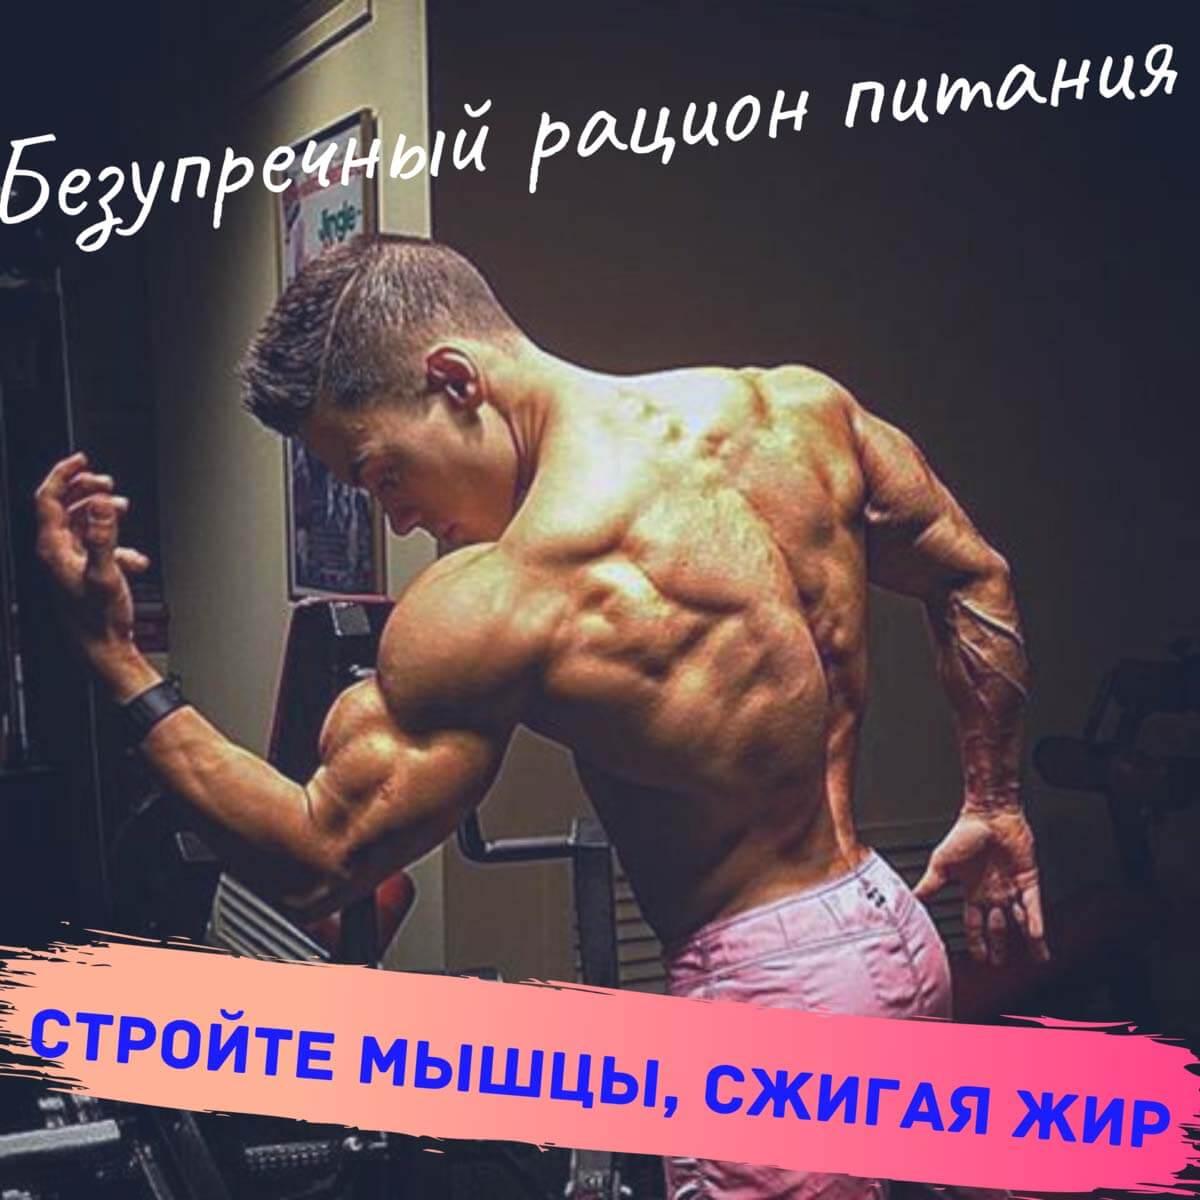 Лад м'язи, спалюй жир. Бездоганний раціон